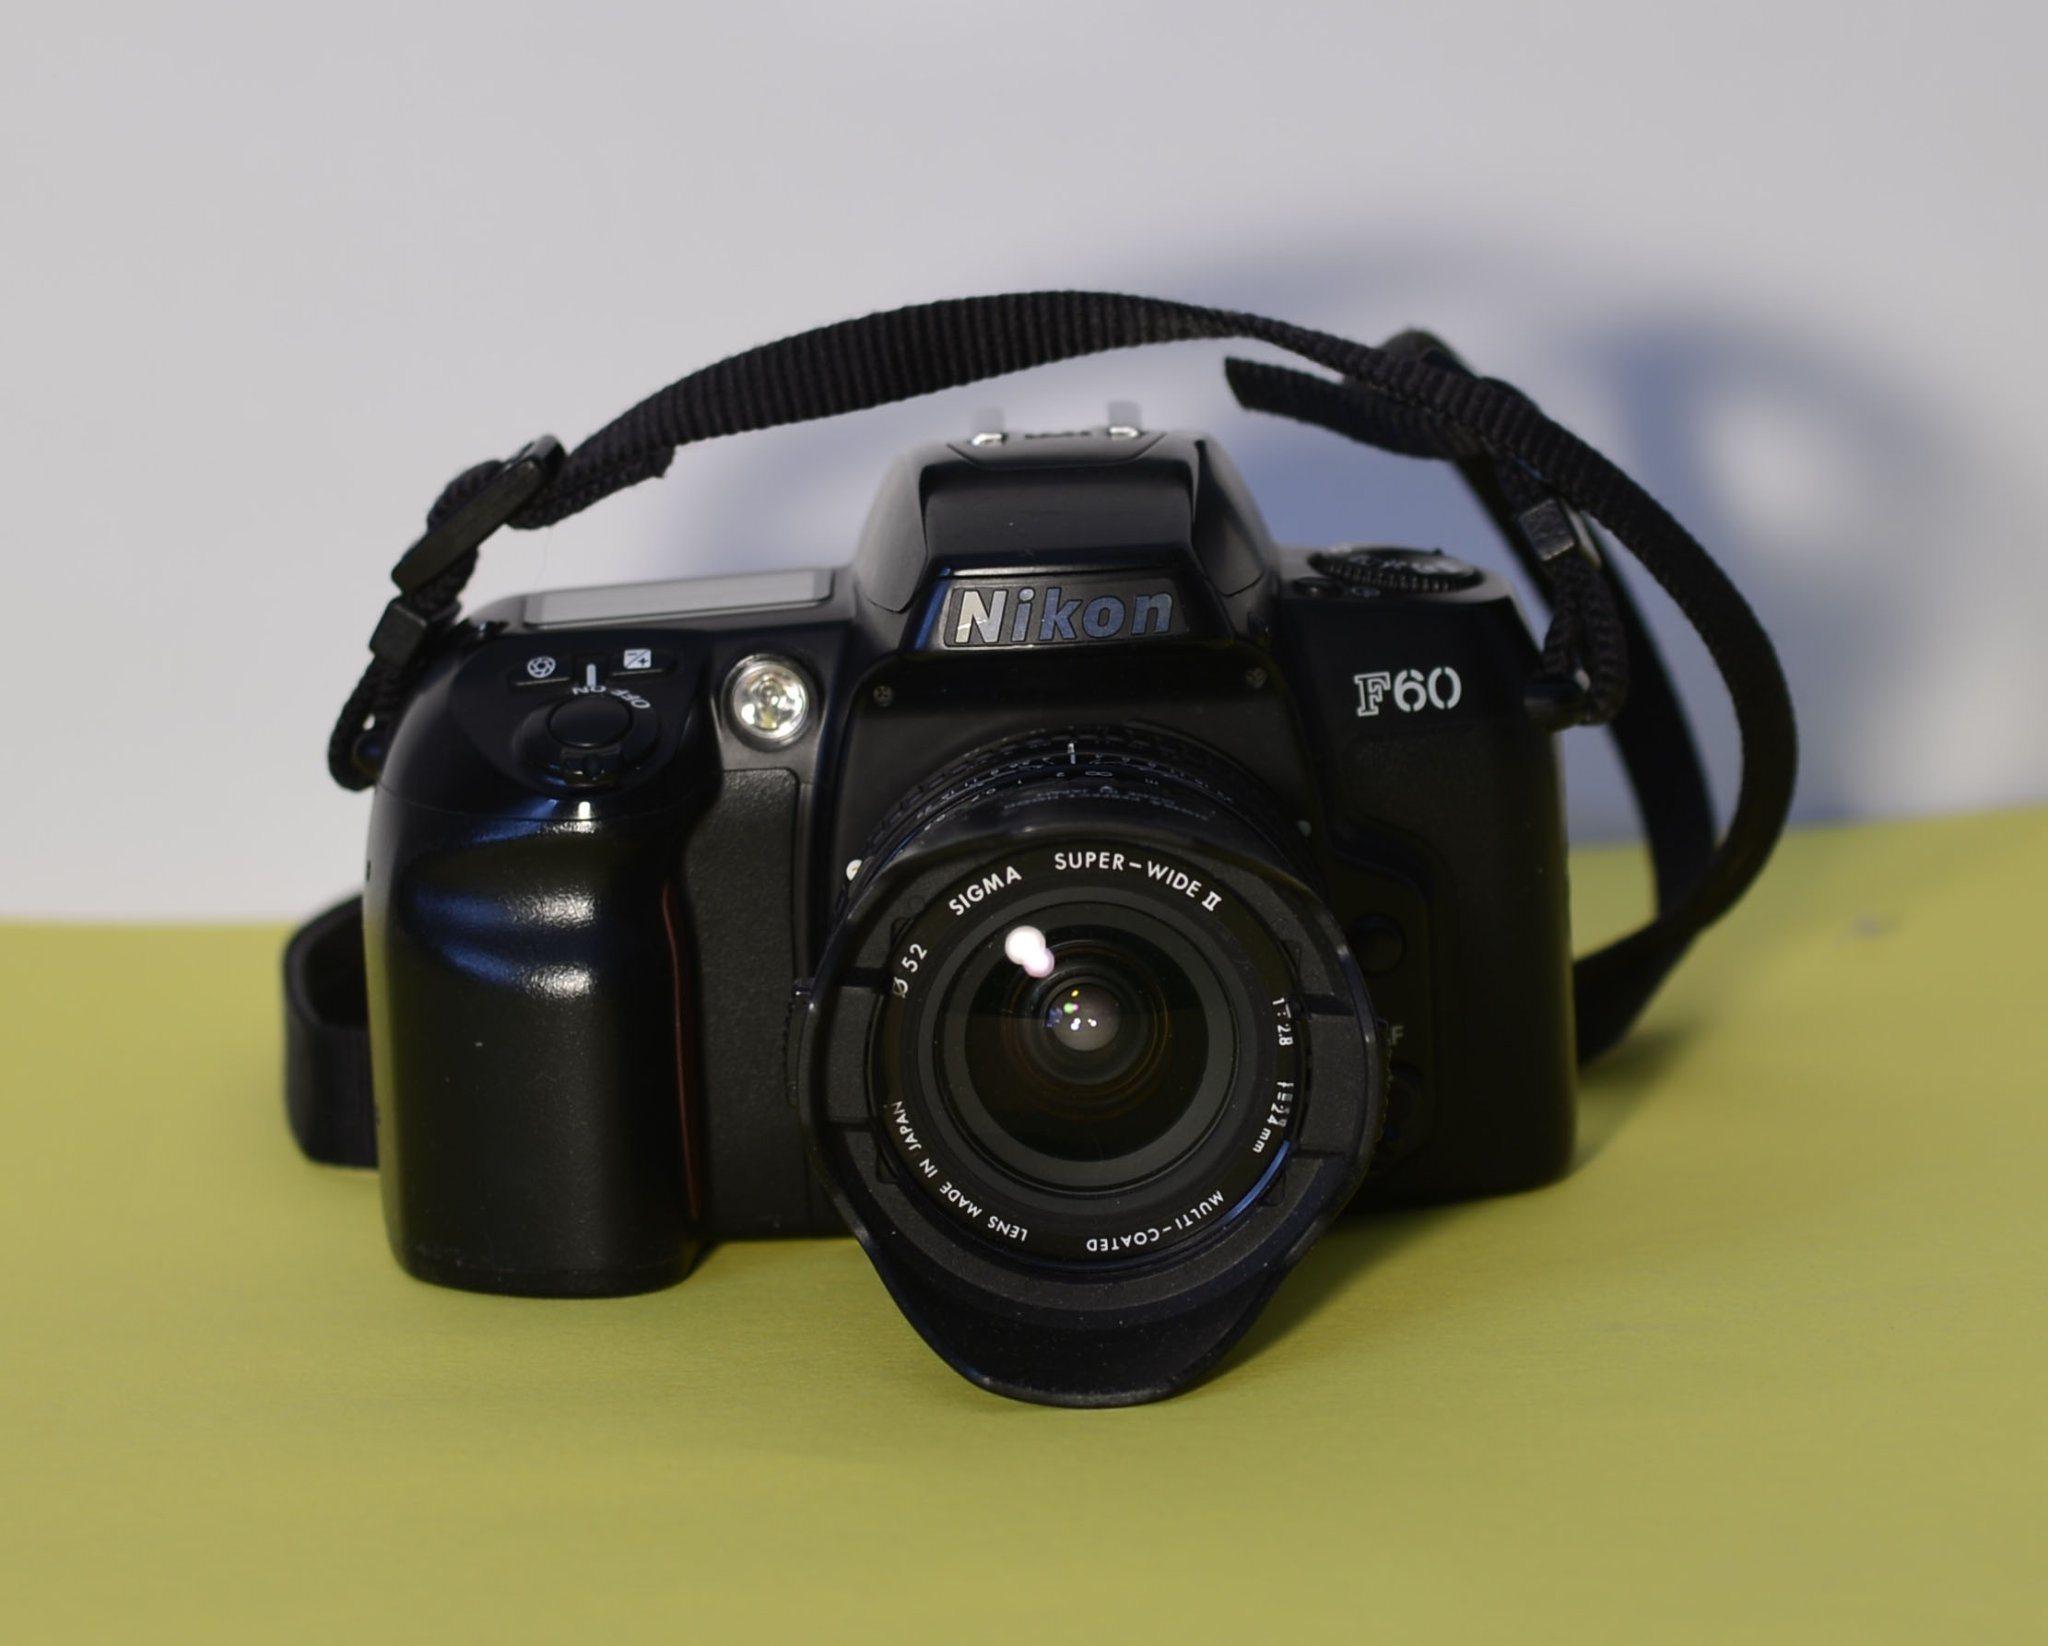 köpa nikon kamera